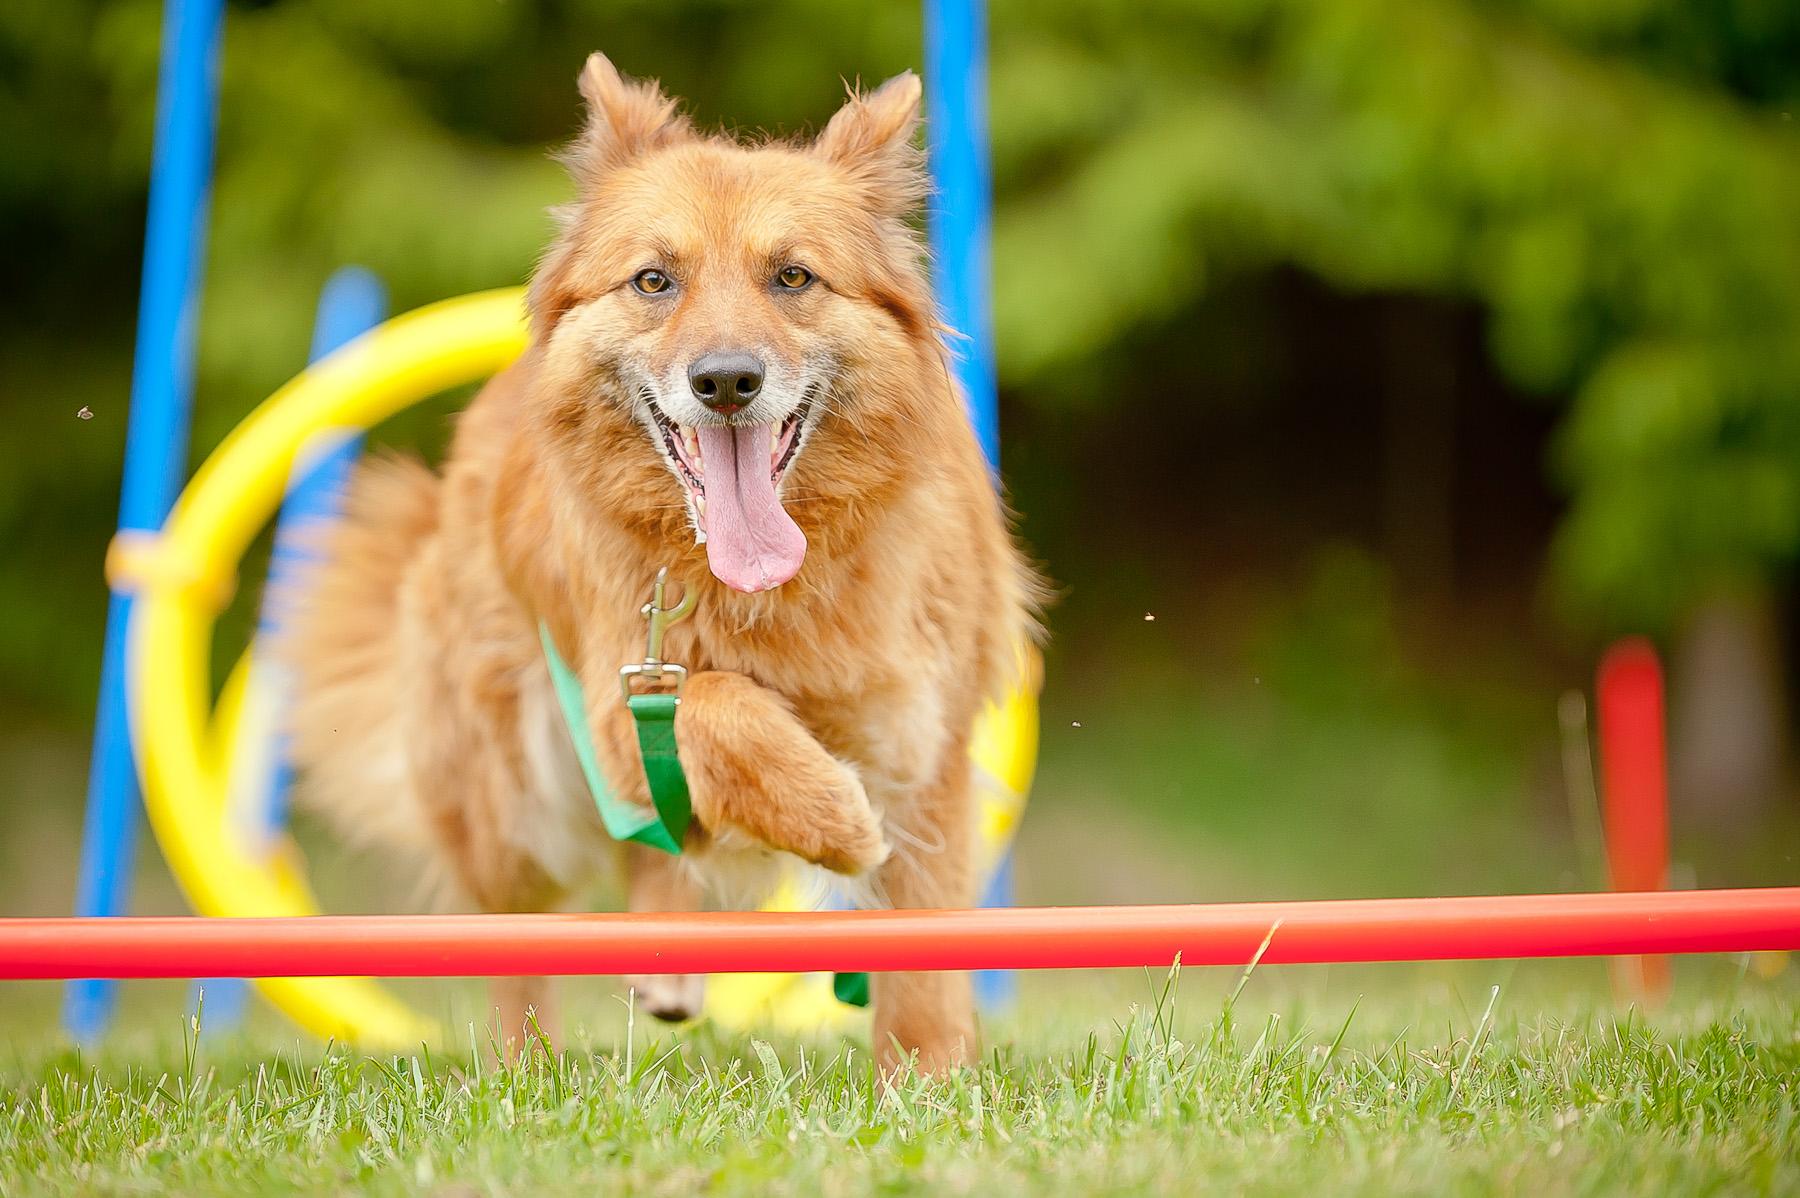 Die Tierarztpraxis Grath bietet auch eine Hundeschule an, in der es auch ein Trainingscamp gibt